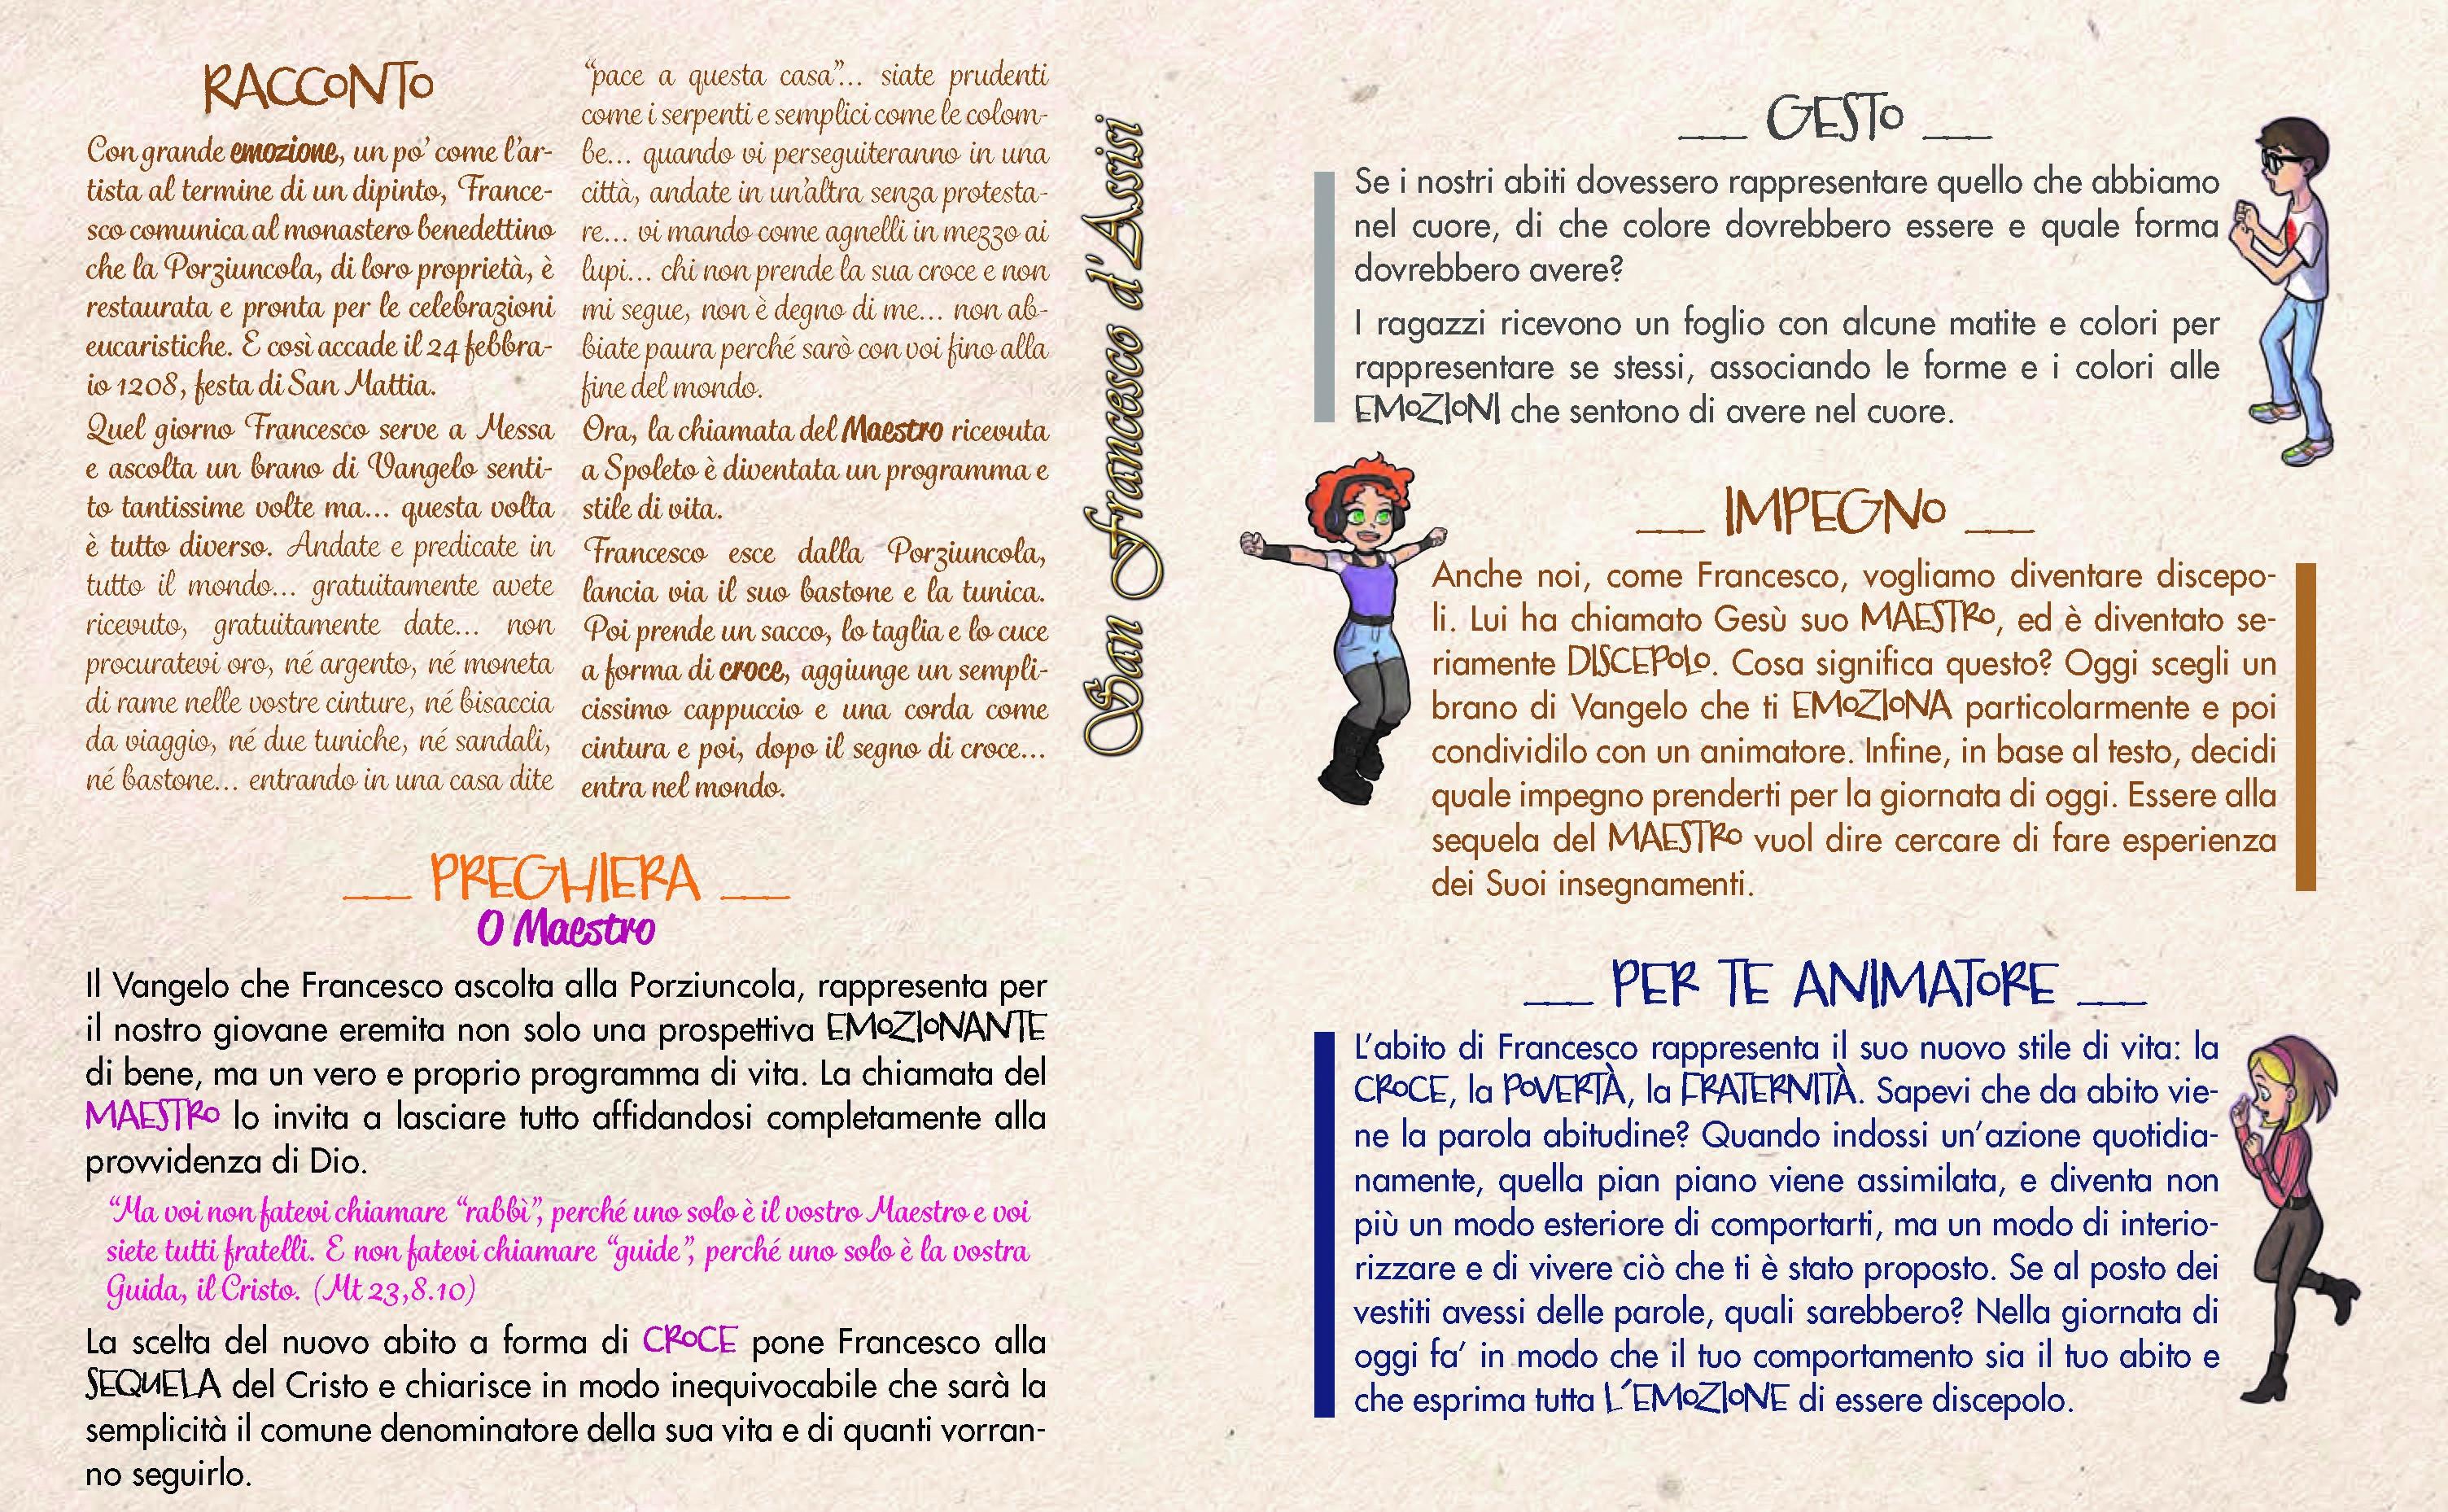 Prg201014-Img_